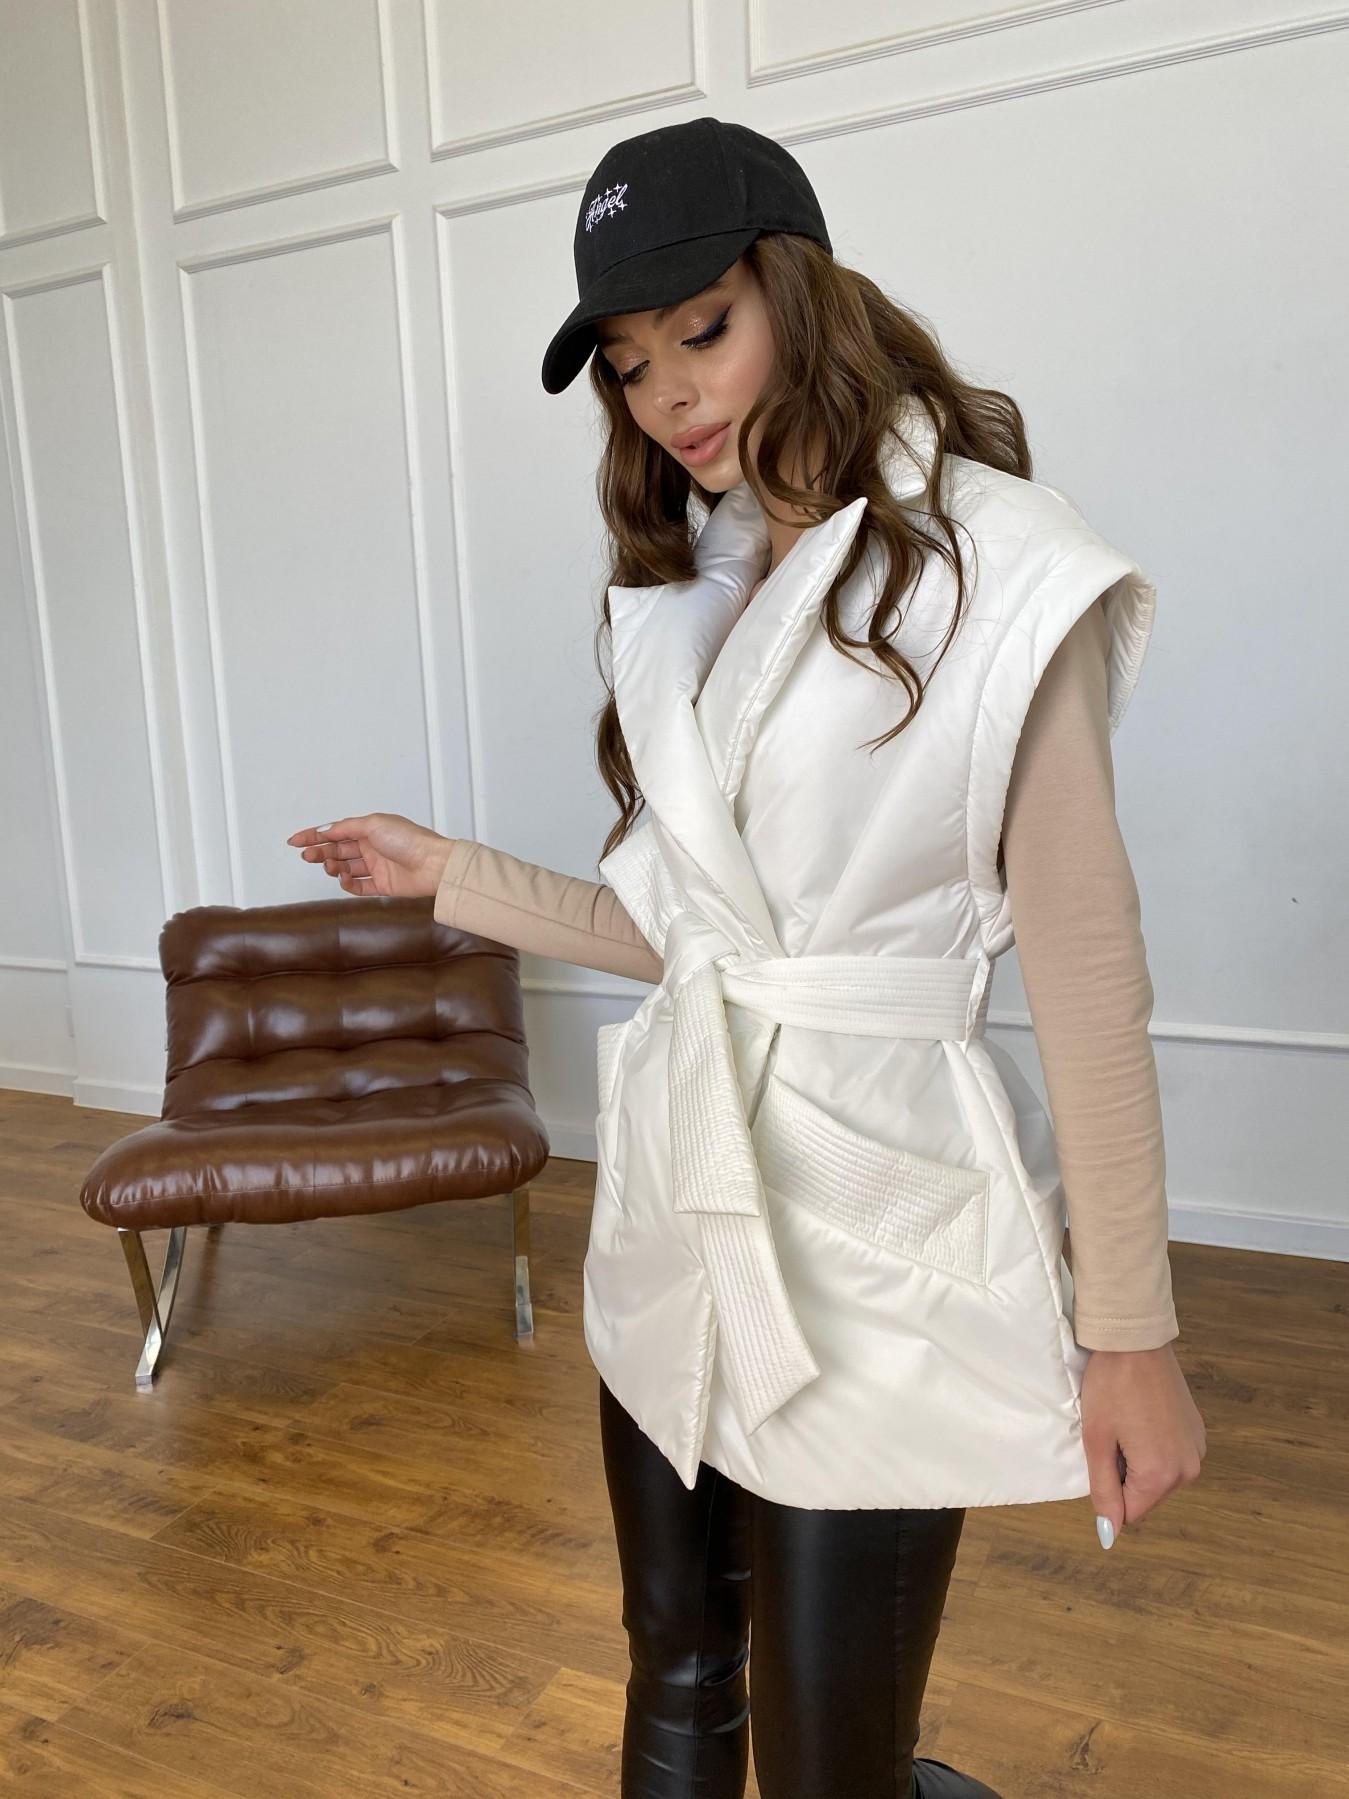 Форбс куртка-жилет из плащевой ткани Ammy  11159 АРТ. 47659 Цвет: Молоко 12 - фото 11, интернет магазин tm-modus.ru